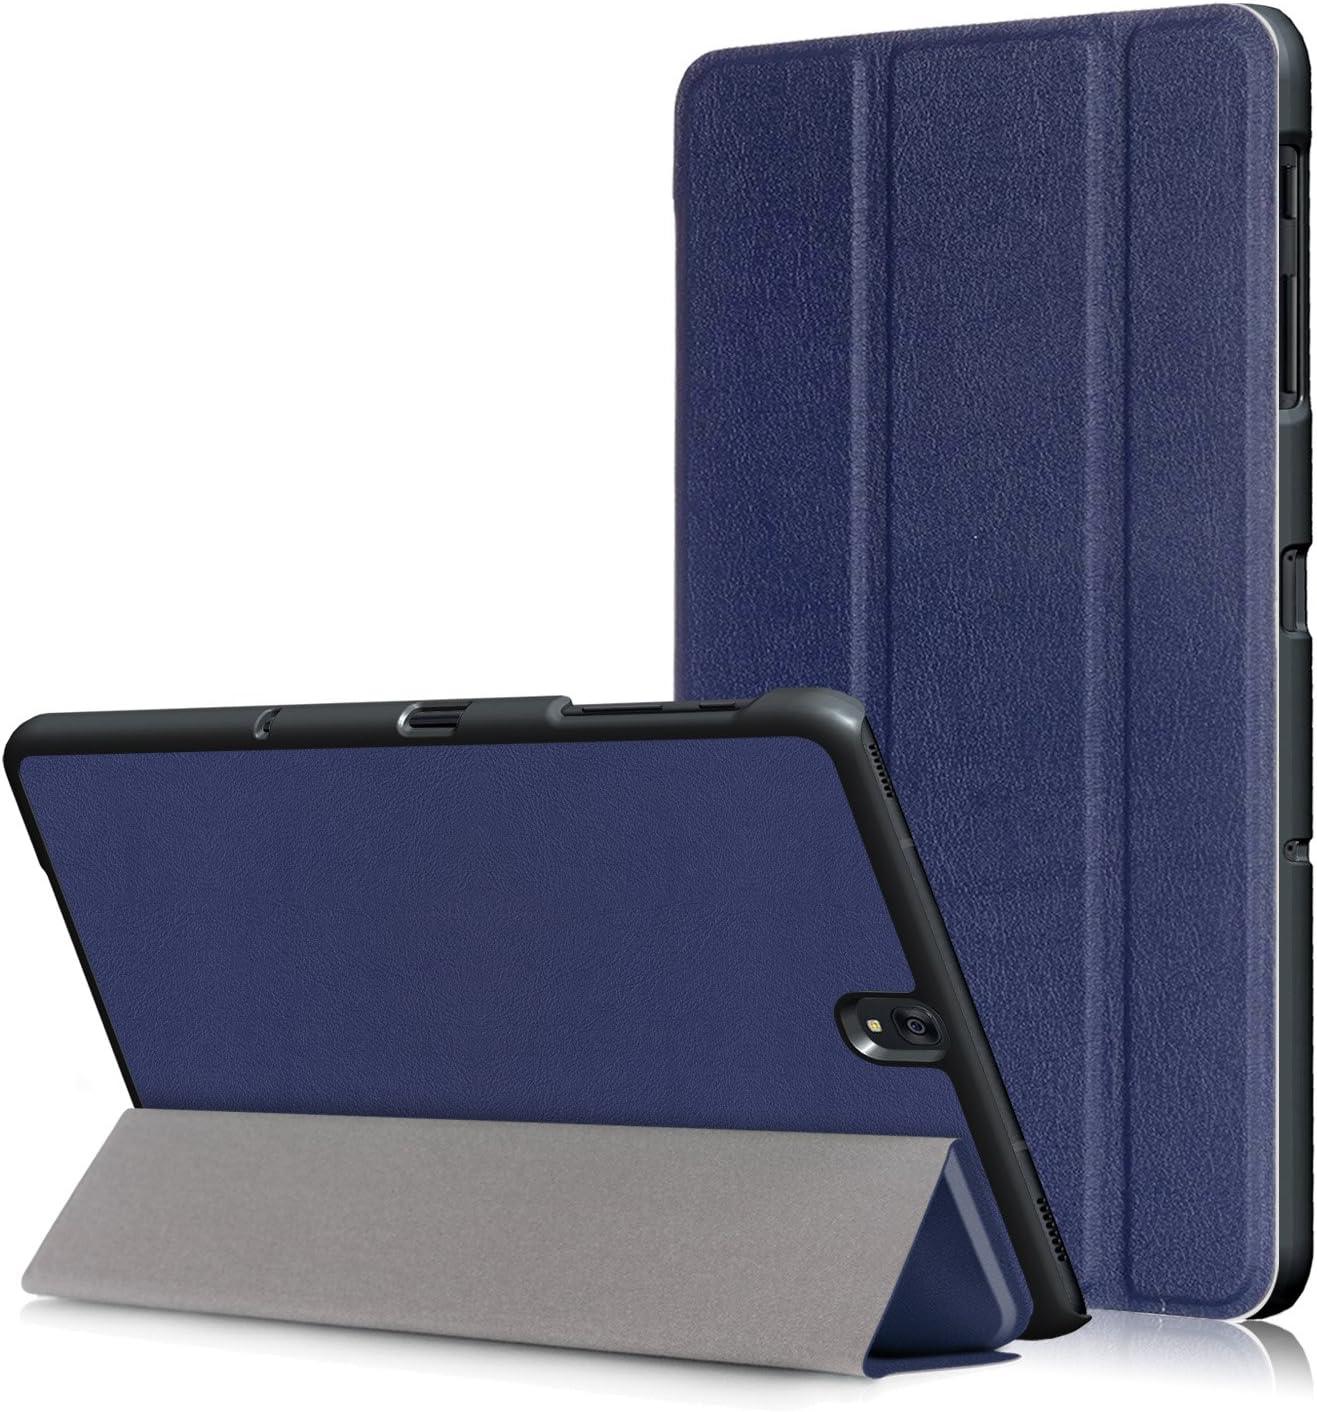 Awenroy Funda para Samsung Galaxy Tab S3 9.7 Inch Tablet (SM-T820/T825) Durable Ultra Slim Ligero Función de Soporte Protectora Plegable Smart Cover con Auto Reposo/Activación - Azul Marino